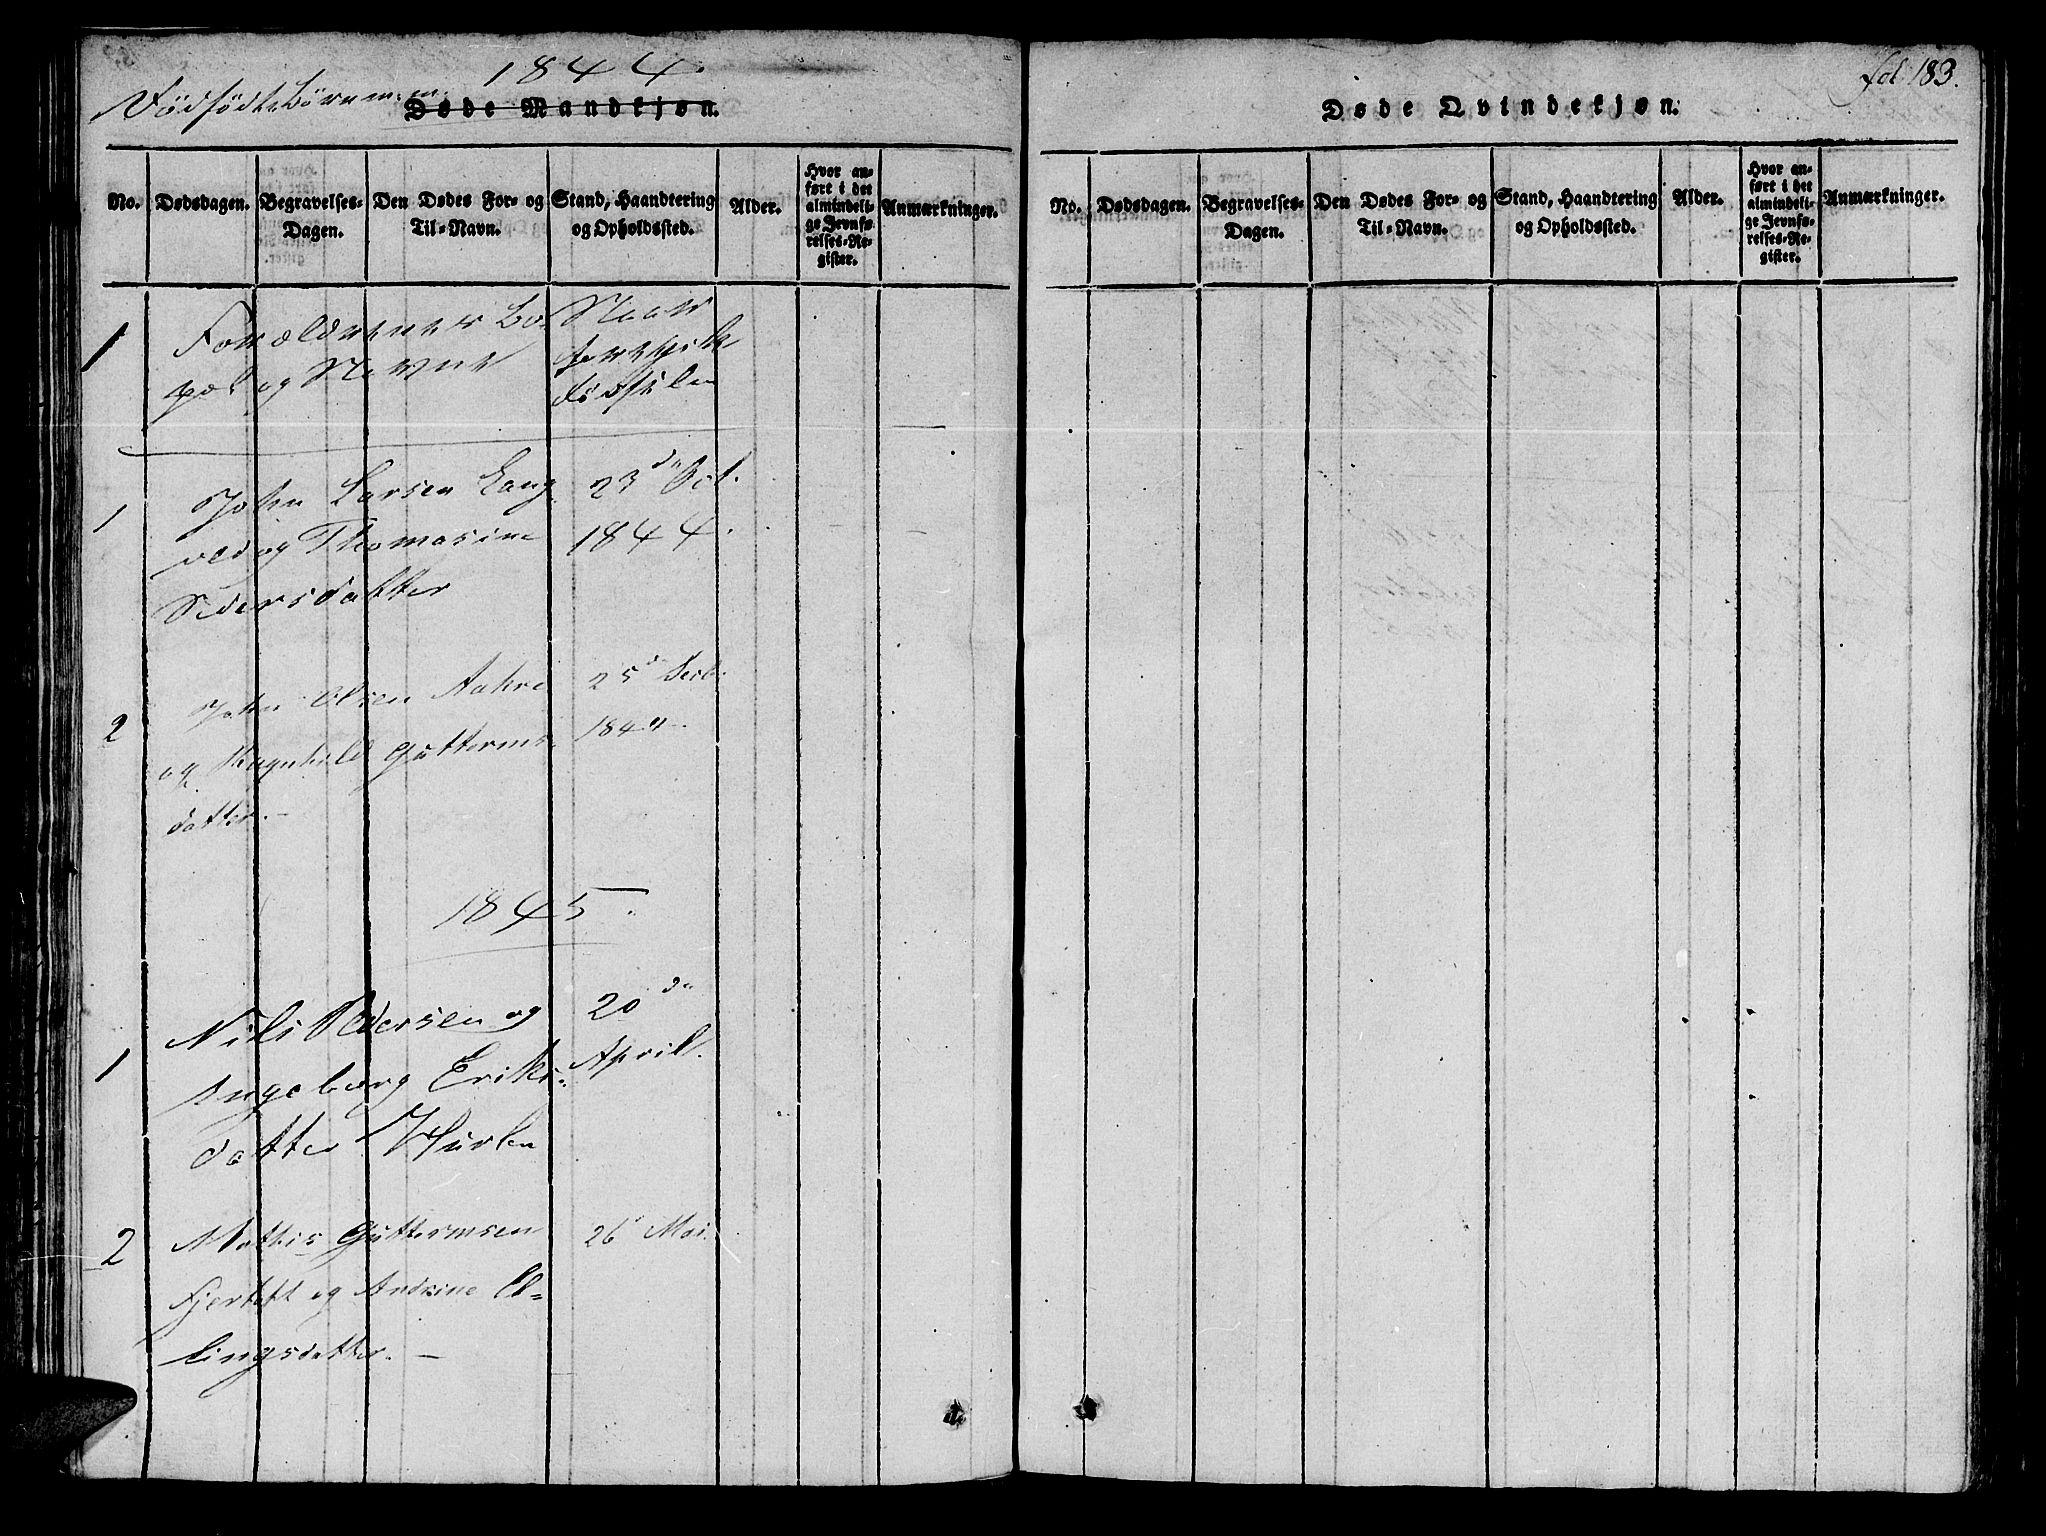 SAT, Ministerialprotokoller, klokkerbøker og fødselsregistre - Møre og Romsdal, 536/L0495: Ministerialbok nr. 536A04, 1818-1847, s. 183